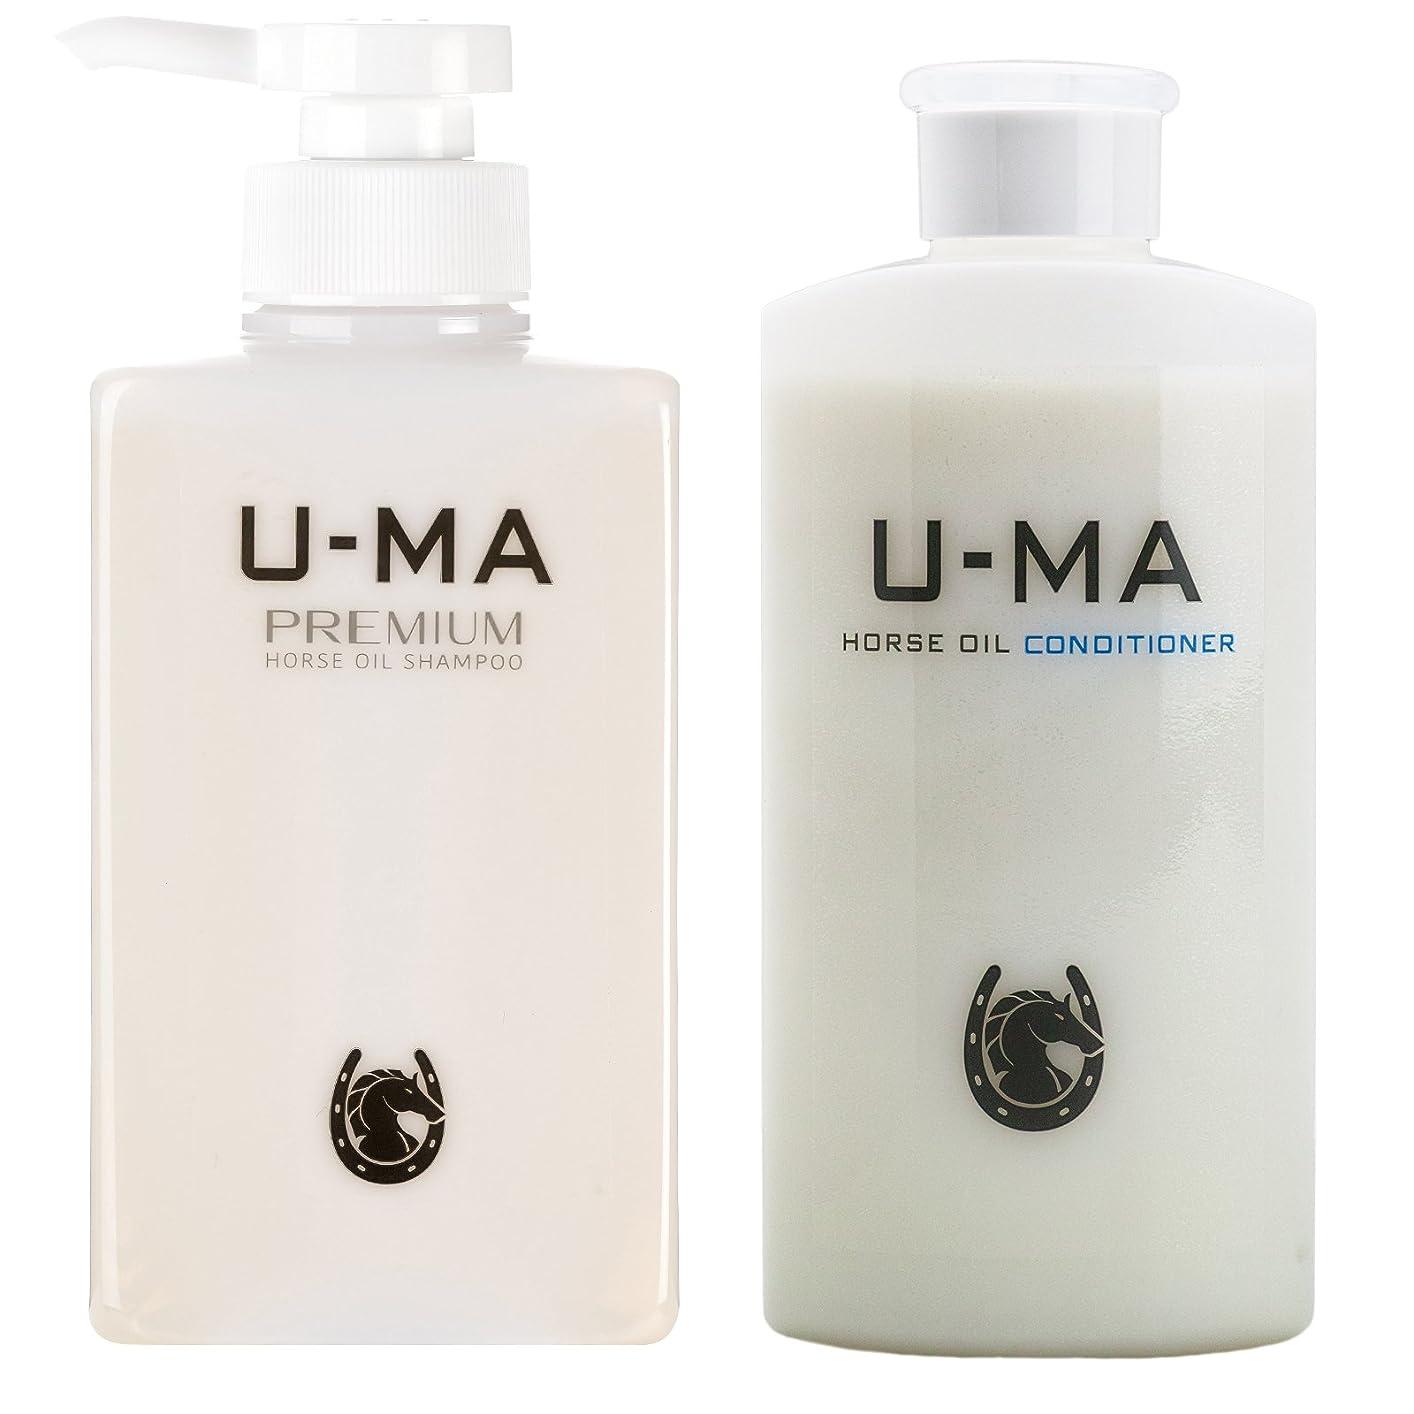 リラックスした悪の誕生U-MA ウーマシャンプープレミアム 300ml (約2ヶ月分) & ウーマコンディショナー 300ml (約2ヶ月分)